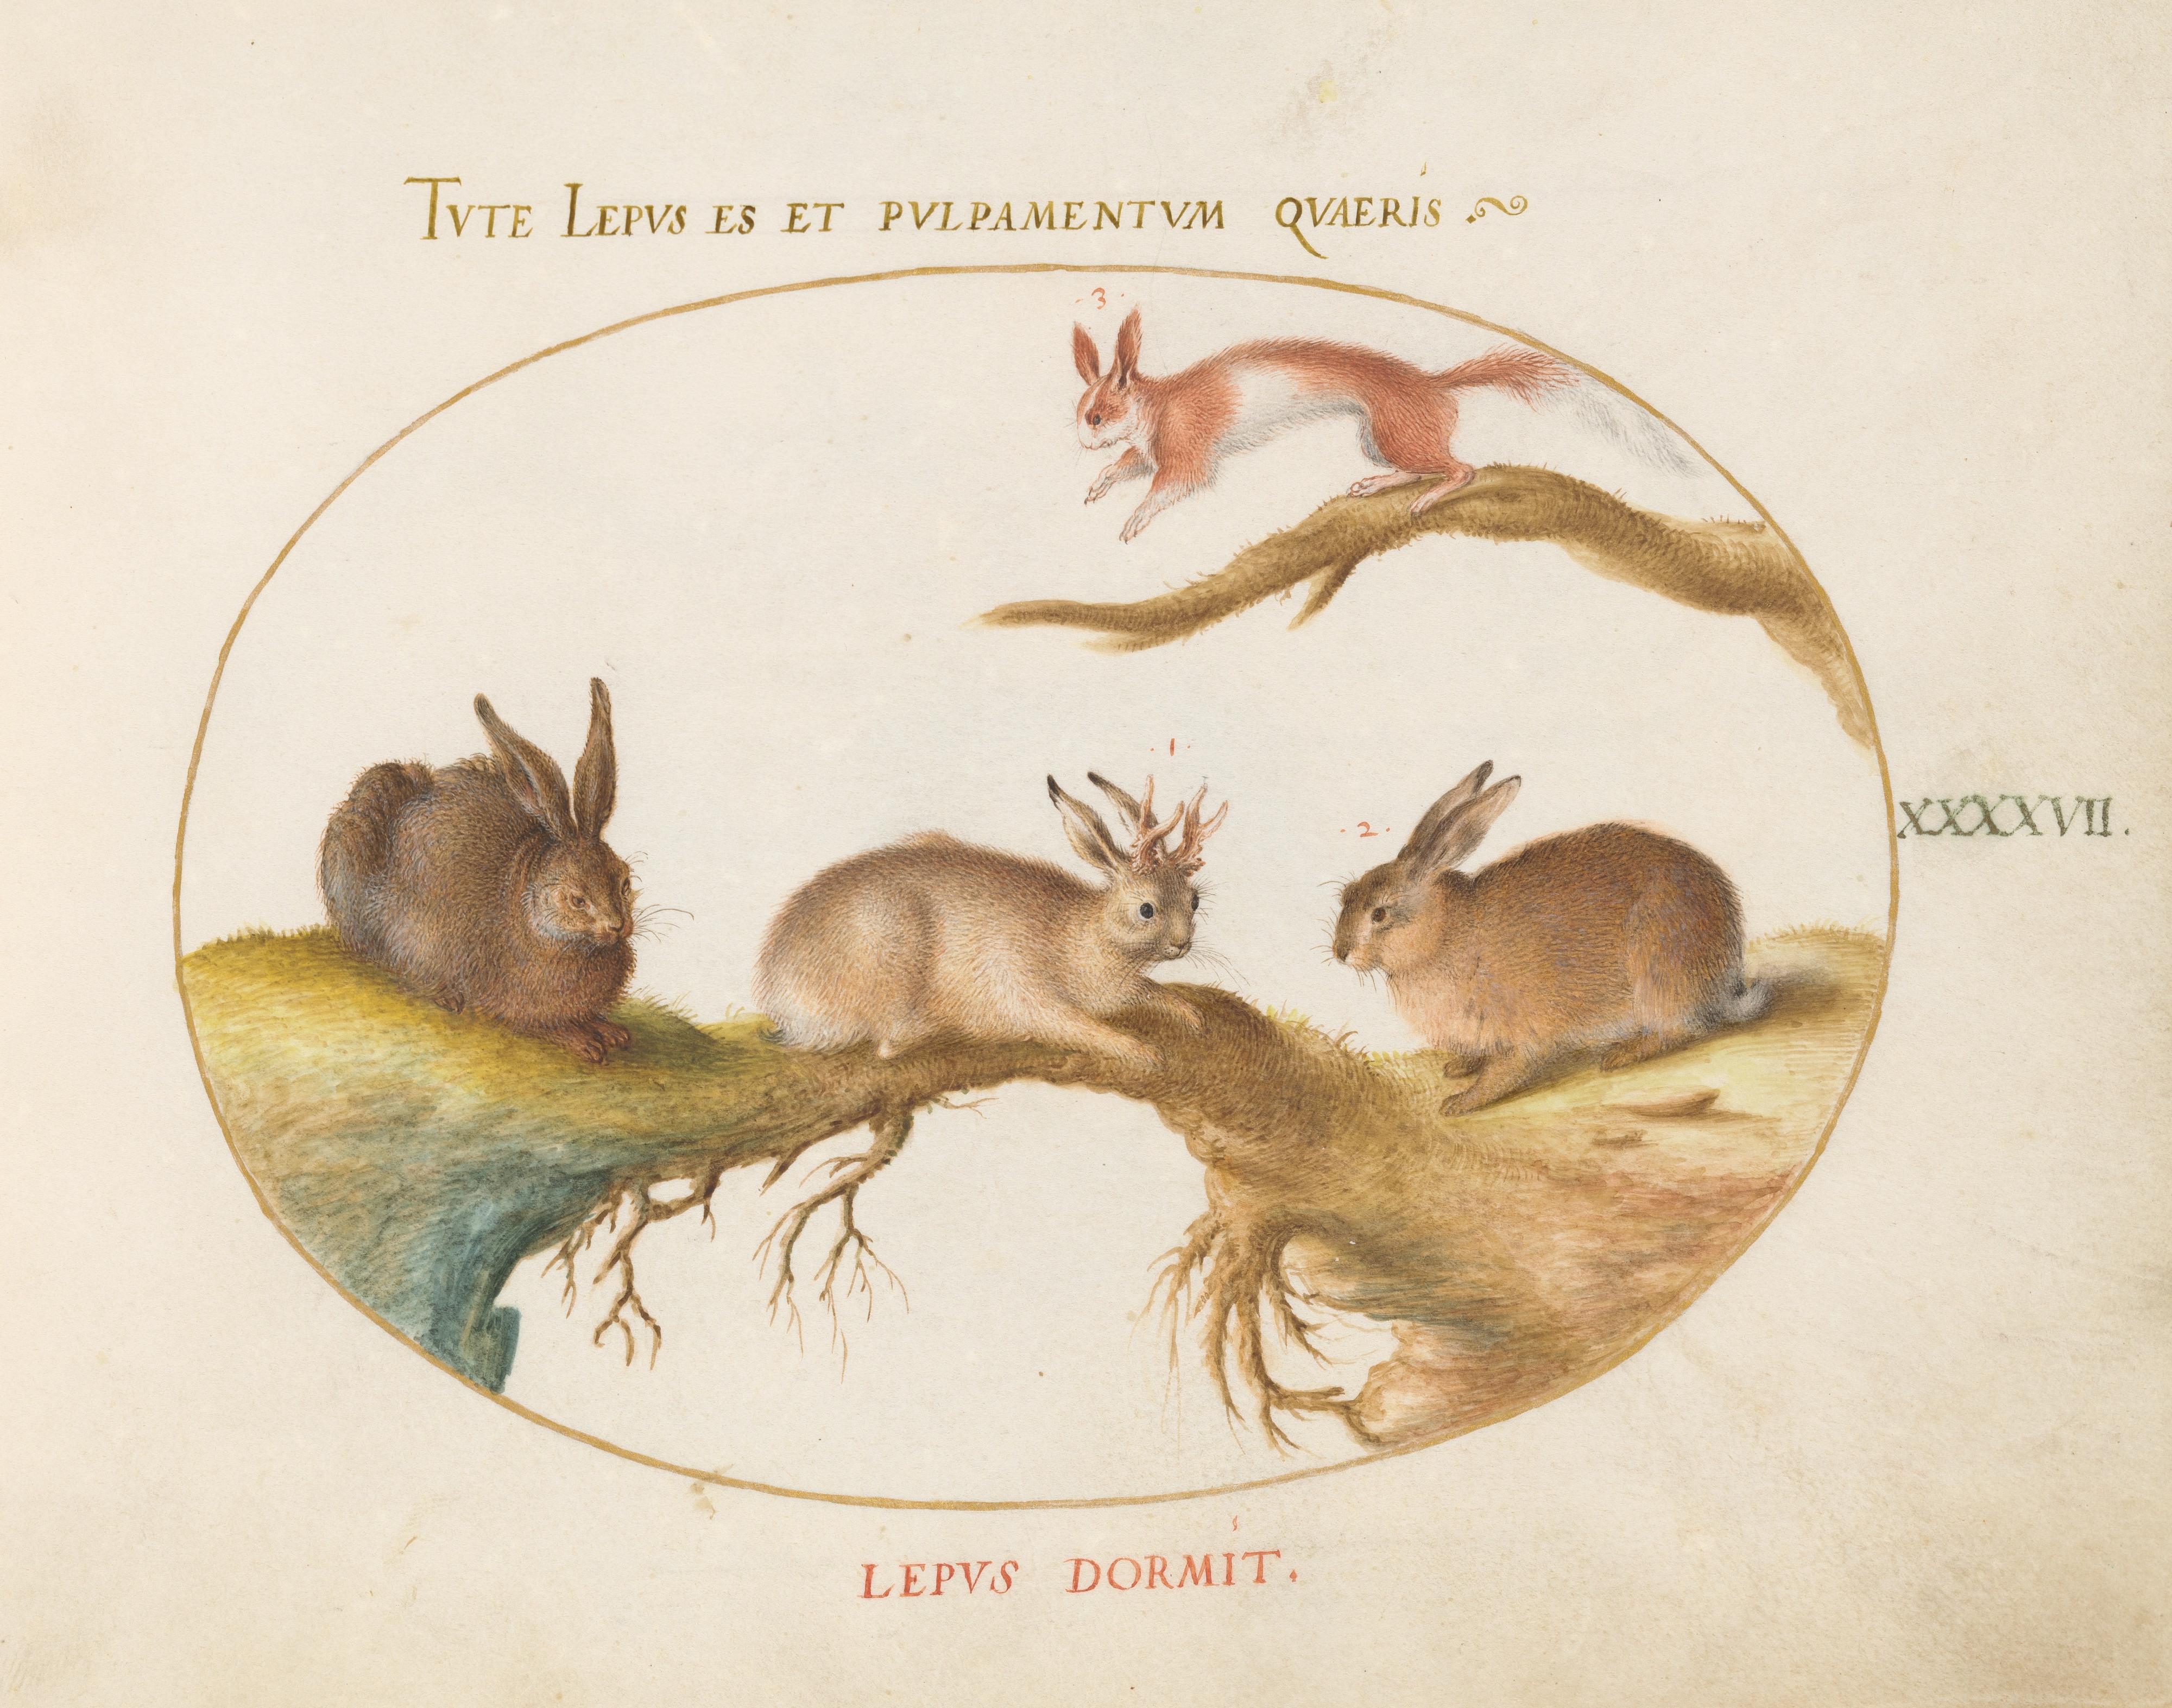 File:Animalia Qvadrvpedia et Reptilia (Terra) Plate XLVII.jpg